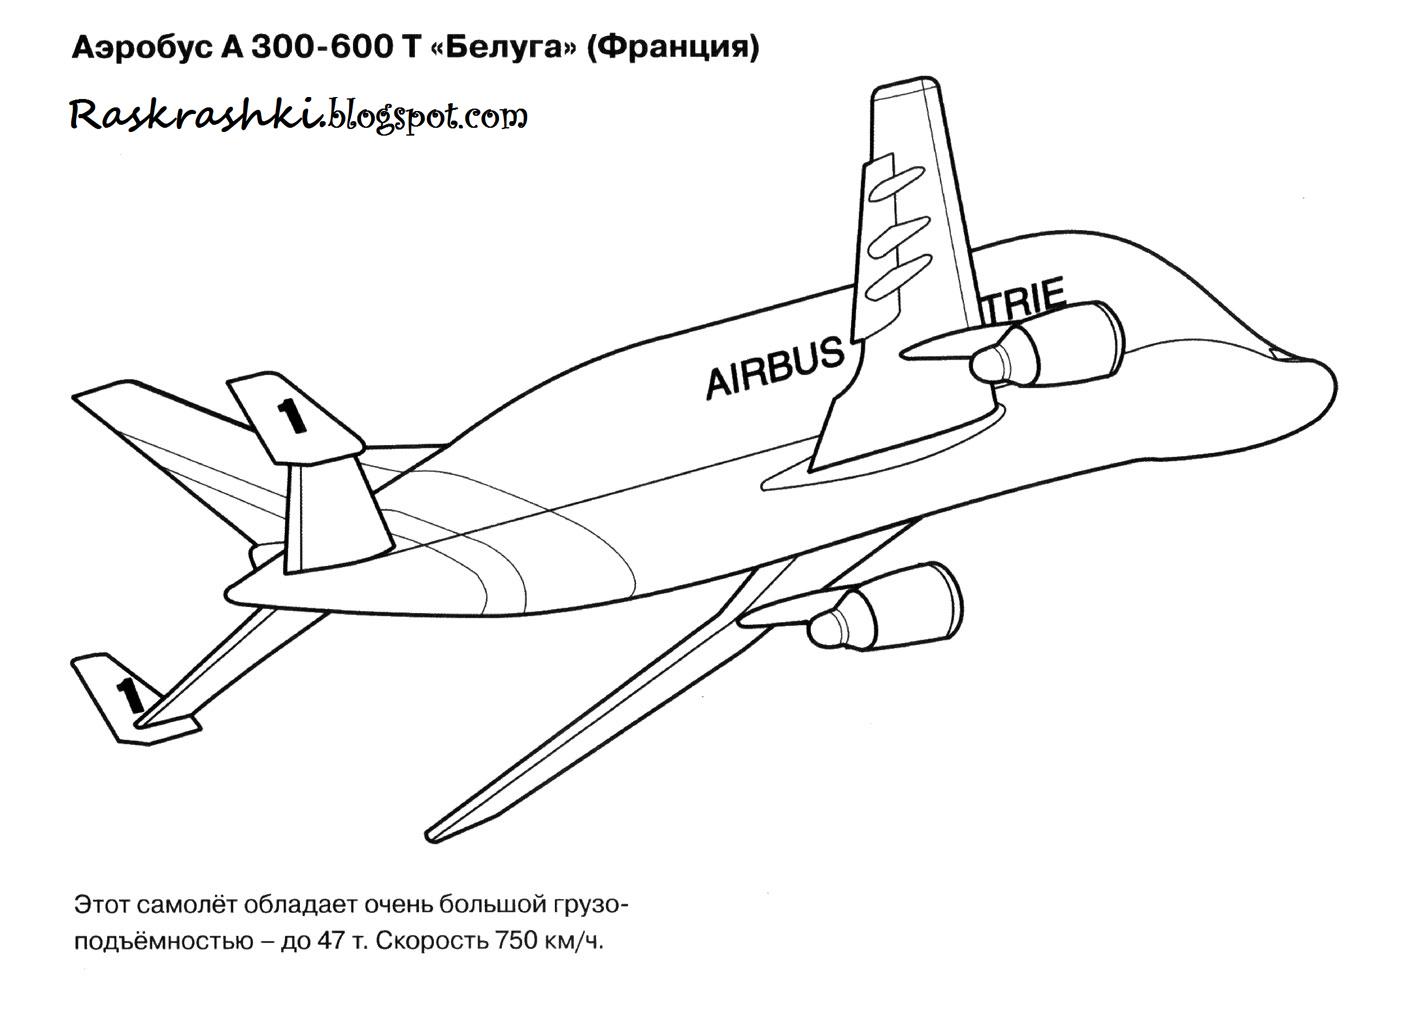 персональный сайт раскраски самолетов